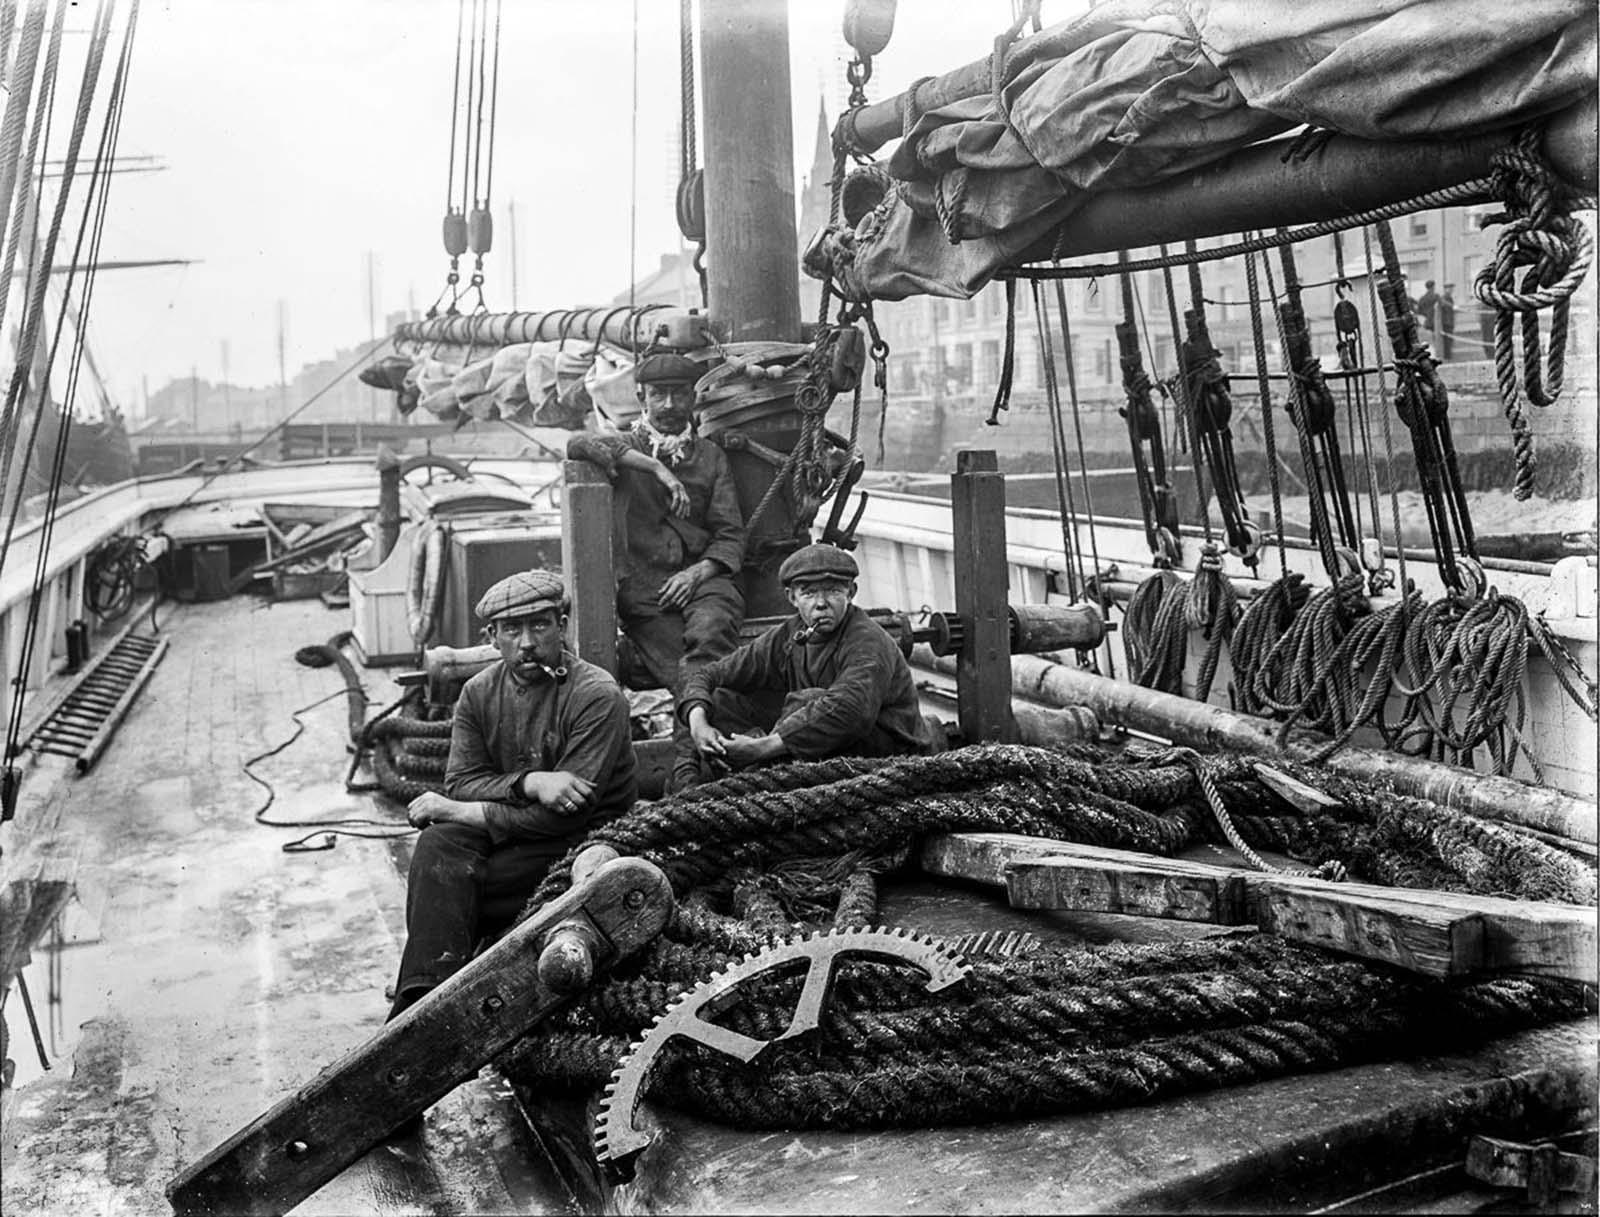 Sailors on the Sarah McDonald at Waterford. 1913.